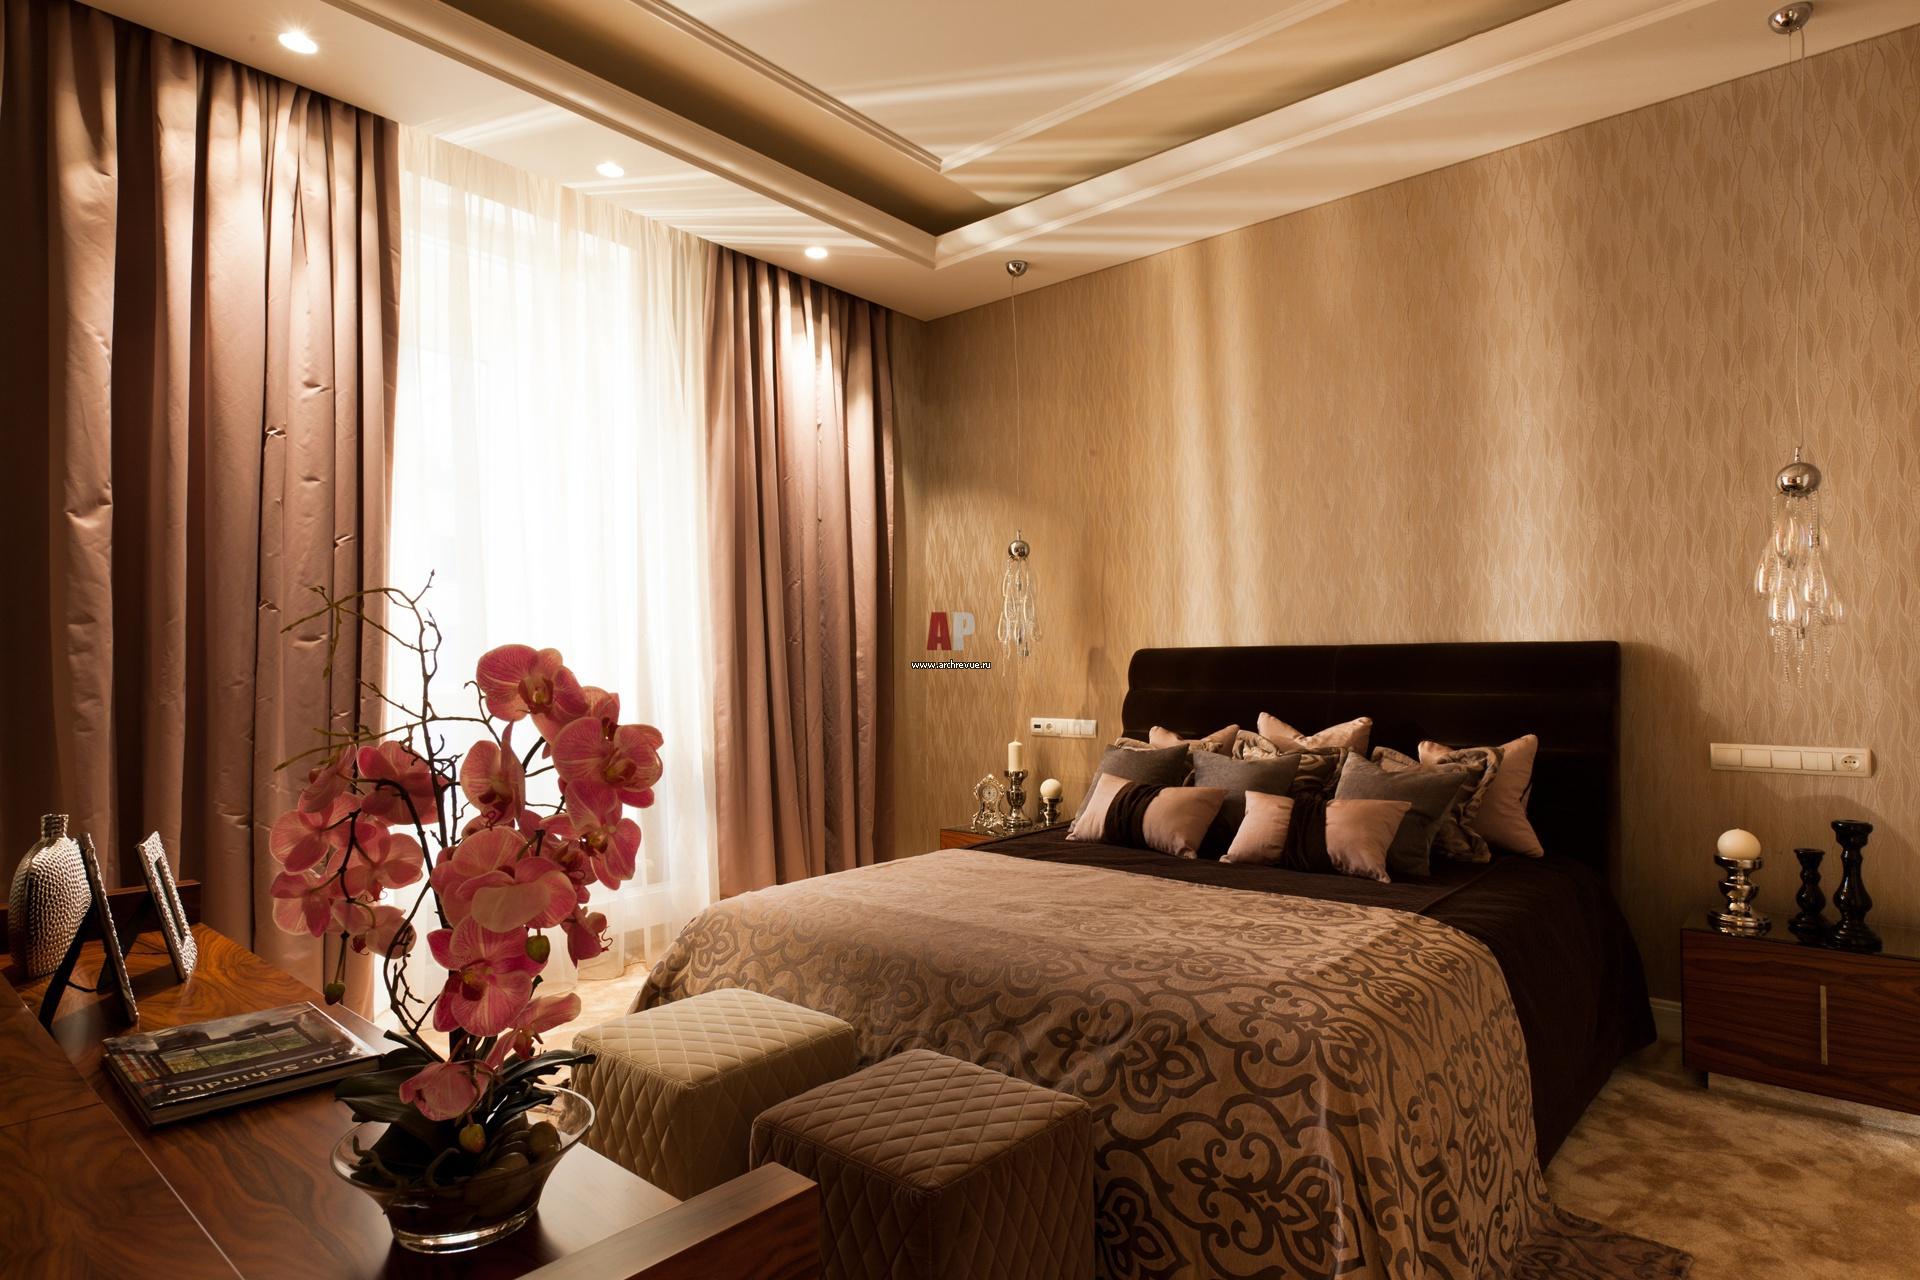 Фото интерьера спальни квартиры в